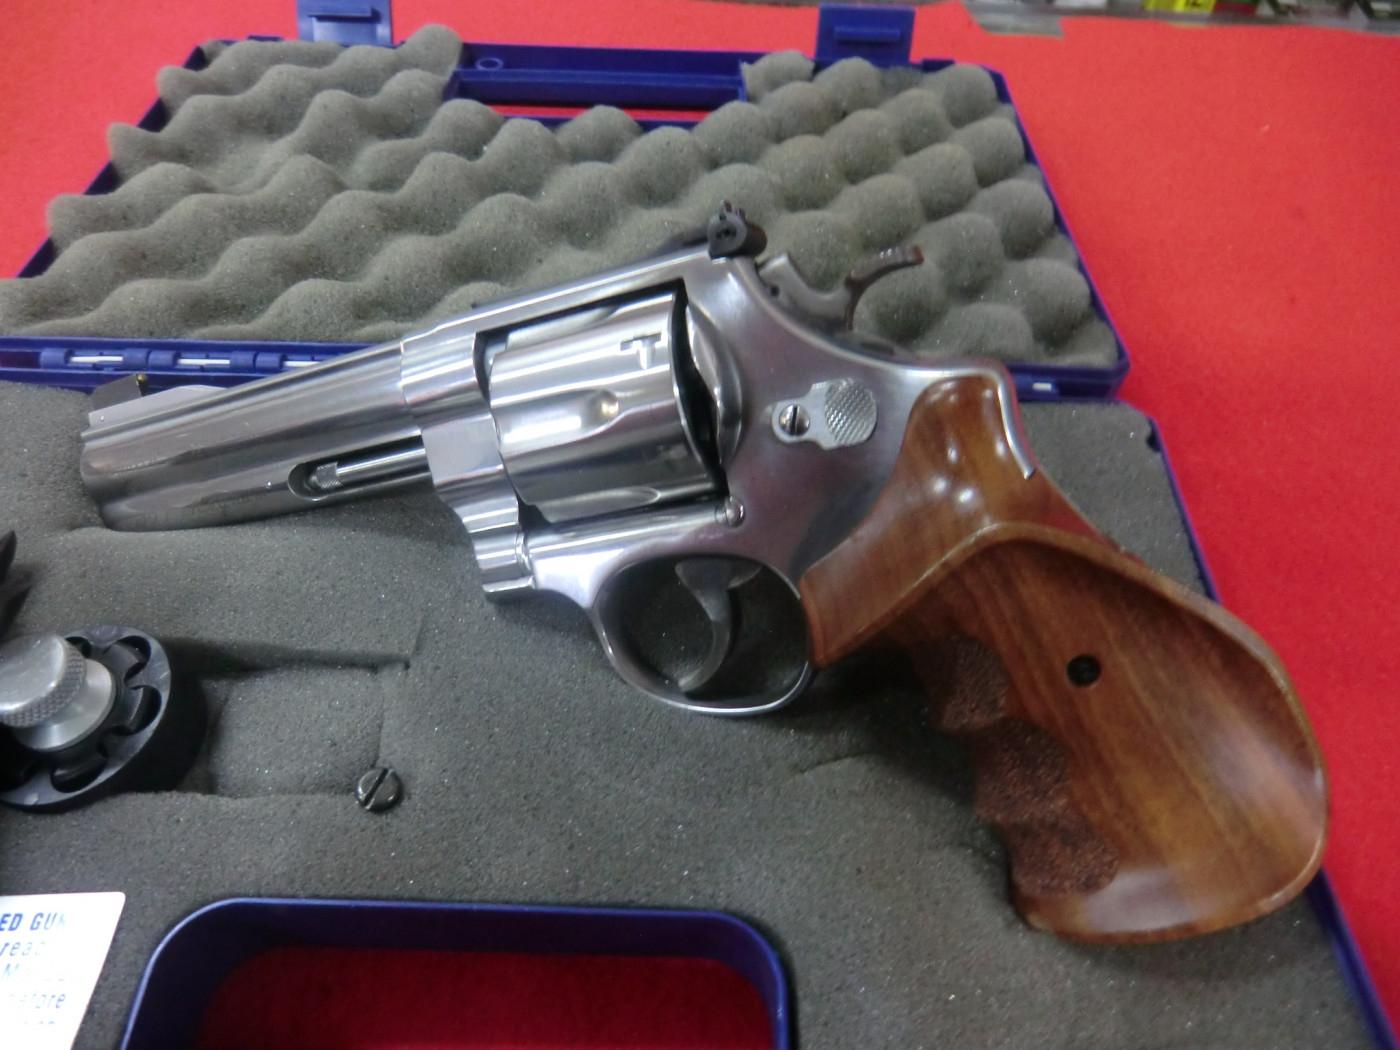 REVOLVER smith & wesson calibro 357 Magnum modello 627 Target Shampion